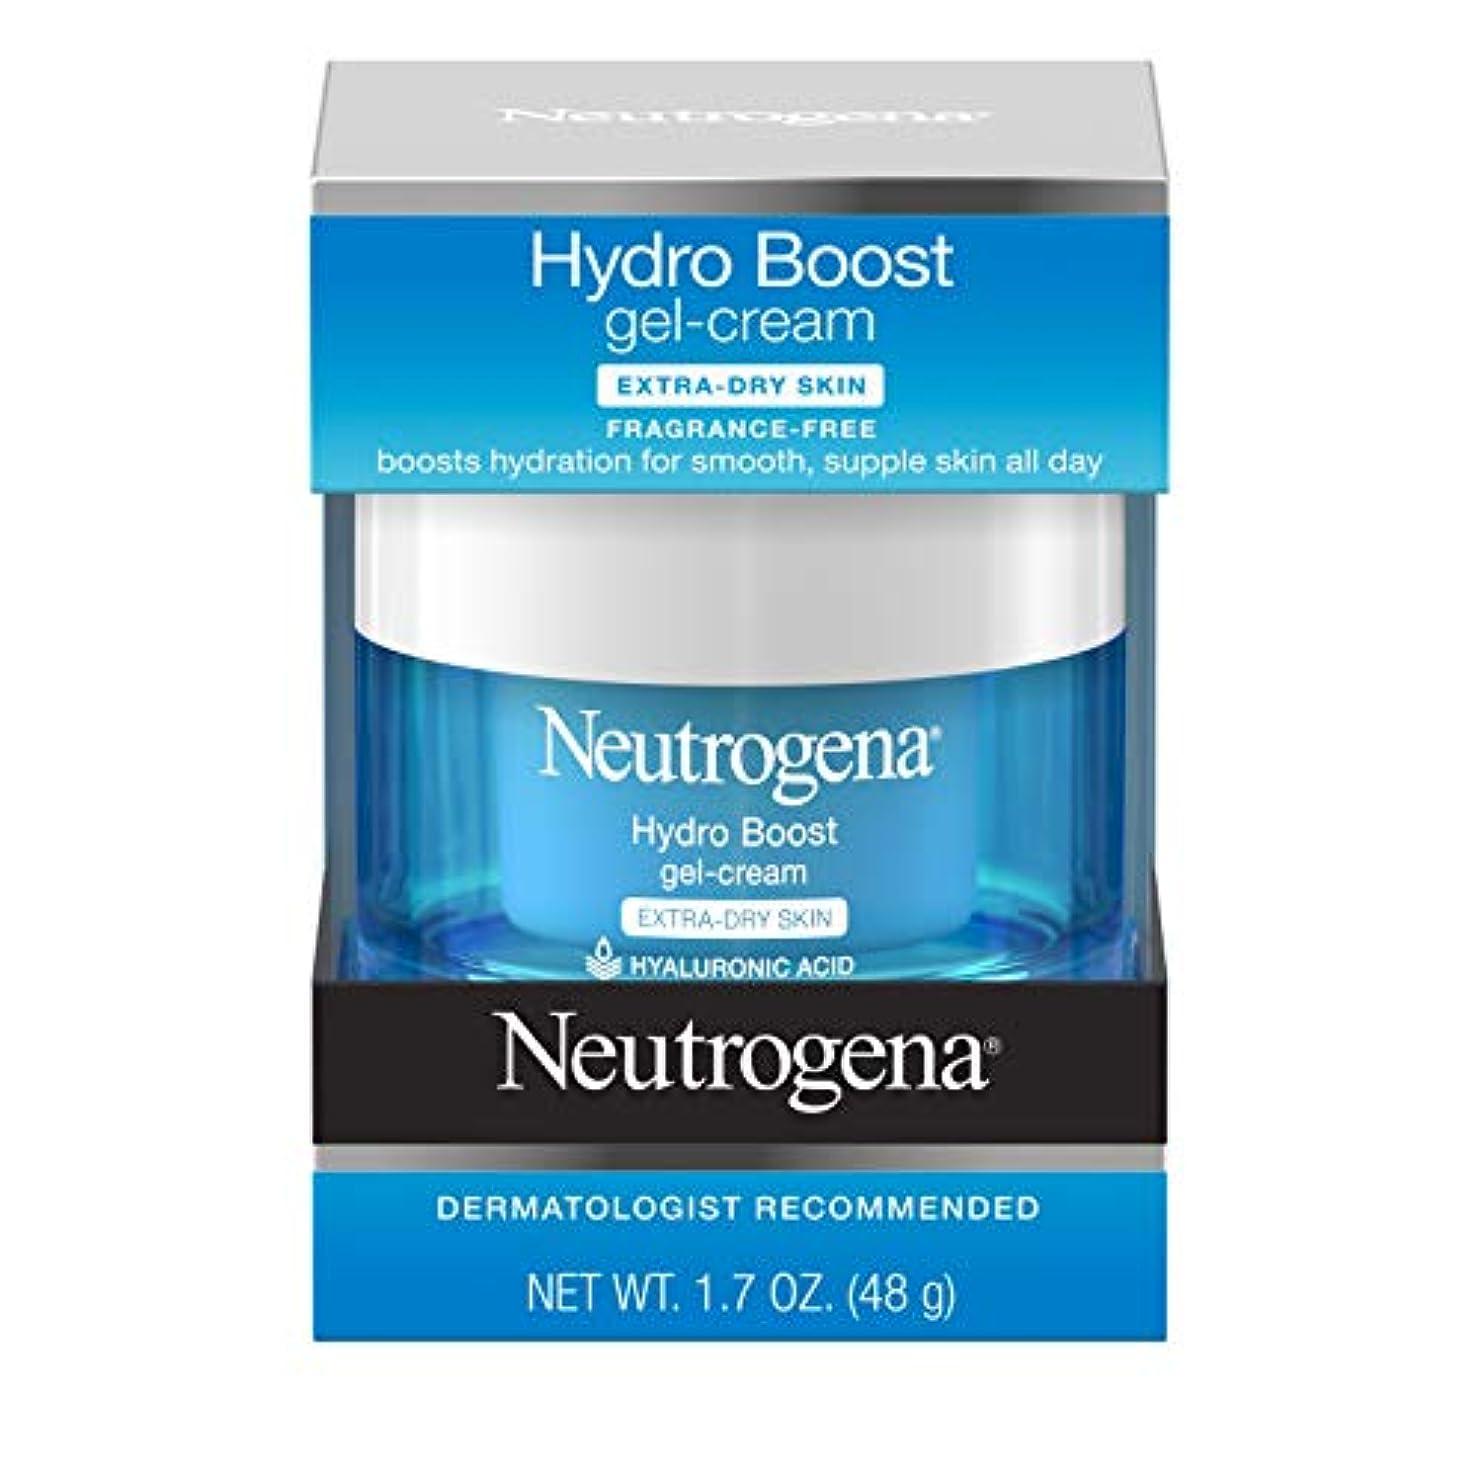 意気消沈した一回落ち着かないNeutrogena Hydro Boost Gel Cream, Extra Dry Skin, 1.7 Ounce  海外直送品?並行輸入品